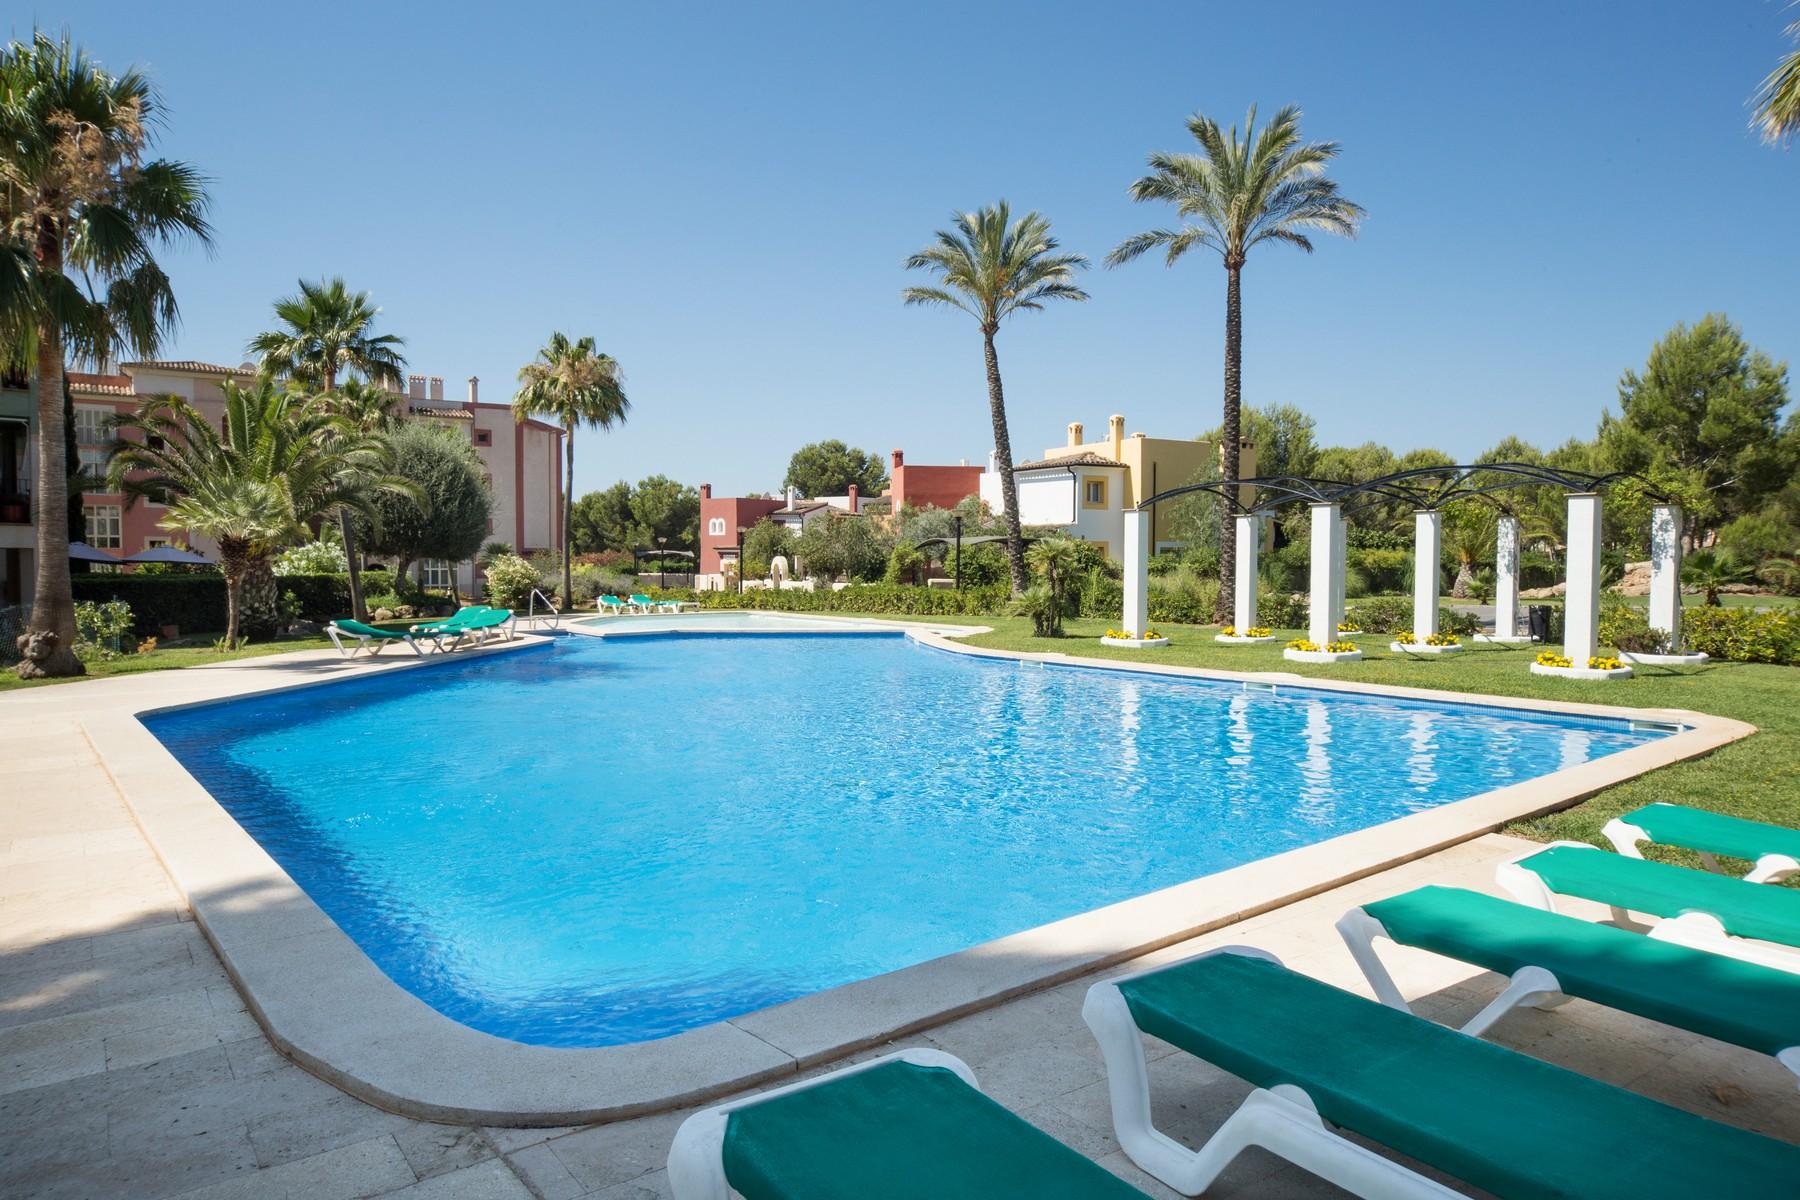 Moradia para Venda às Penthouse with views to golf course in Santa Ponsa Santa Ponsa, Palma De Maiorca, 07184 Espanha